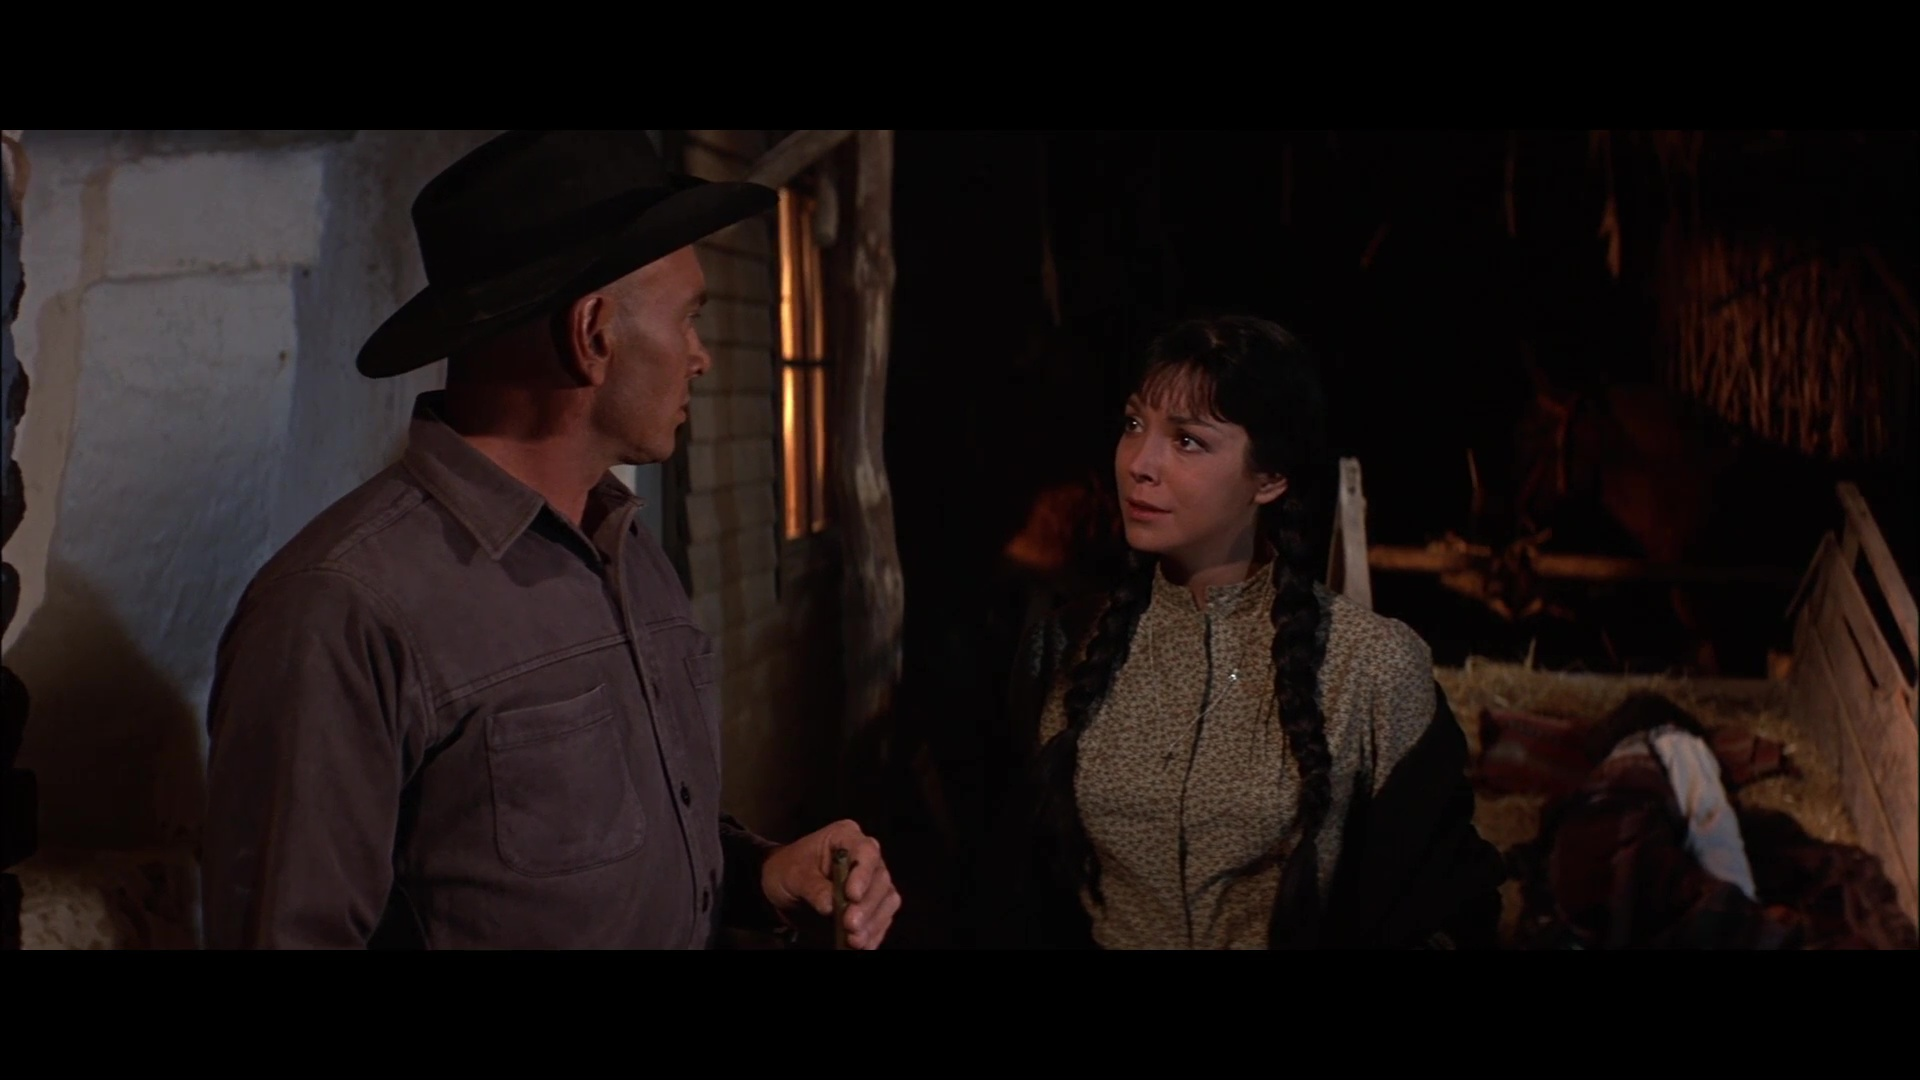 El Regreso De Los Siete Magnificos 1080p Lat-Cast-Ing[Western](1966)